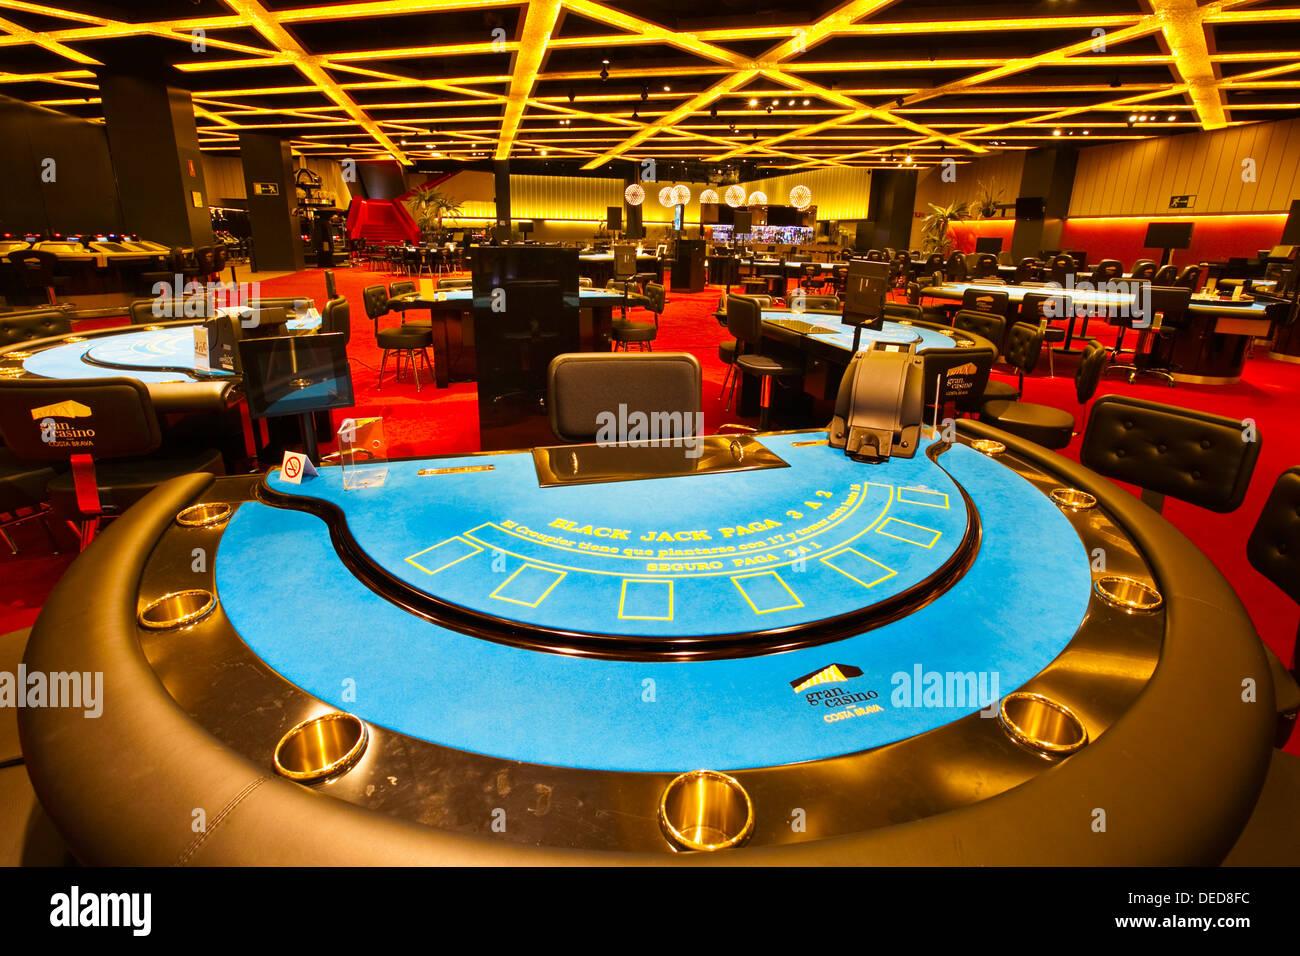 Lloret de mar casinos android slots games download